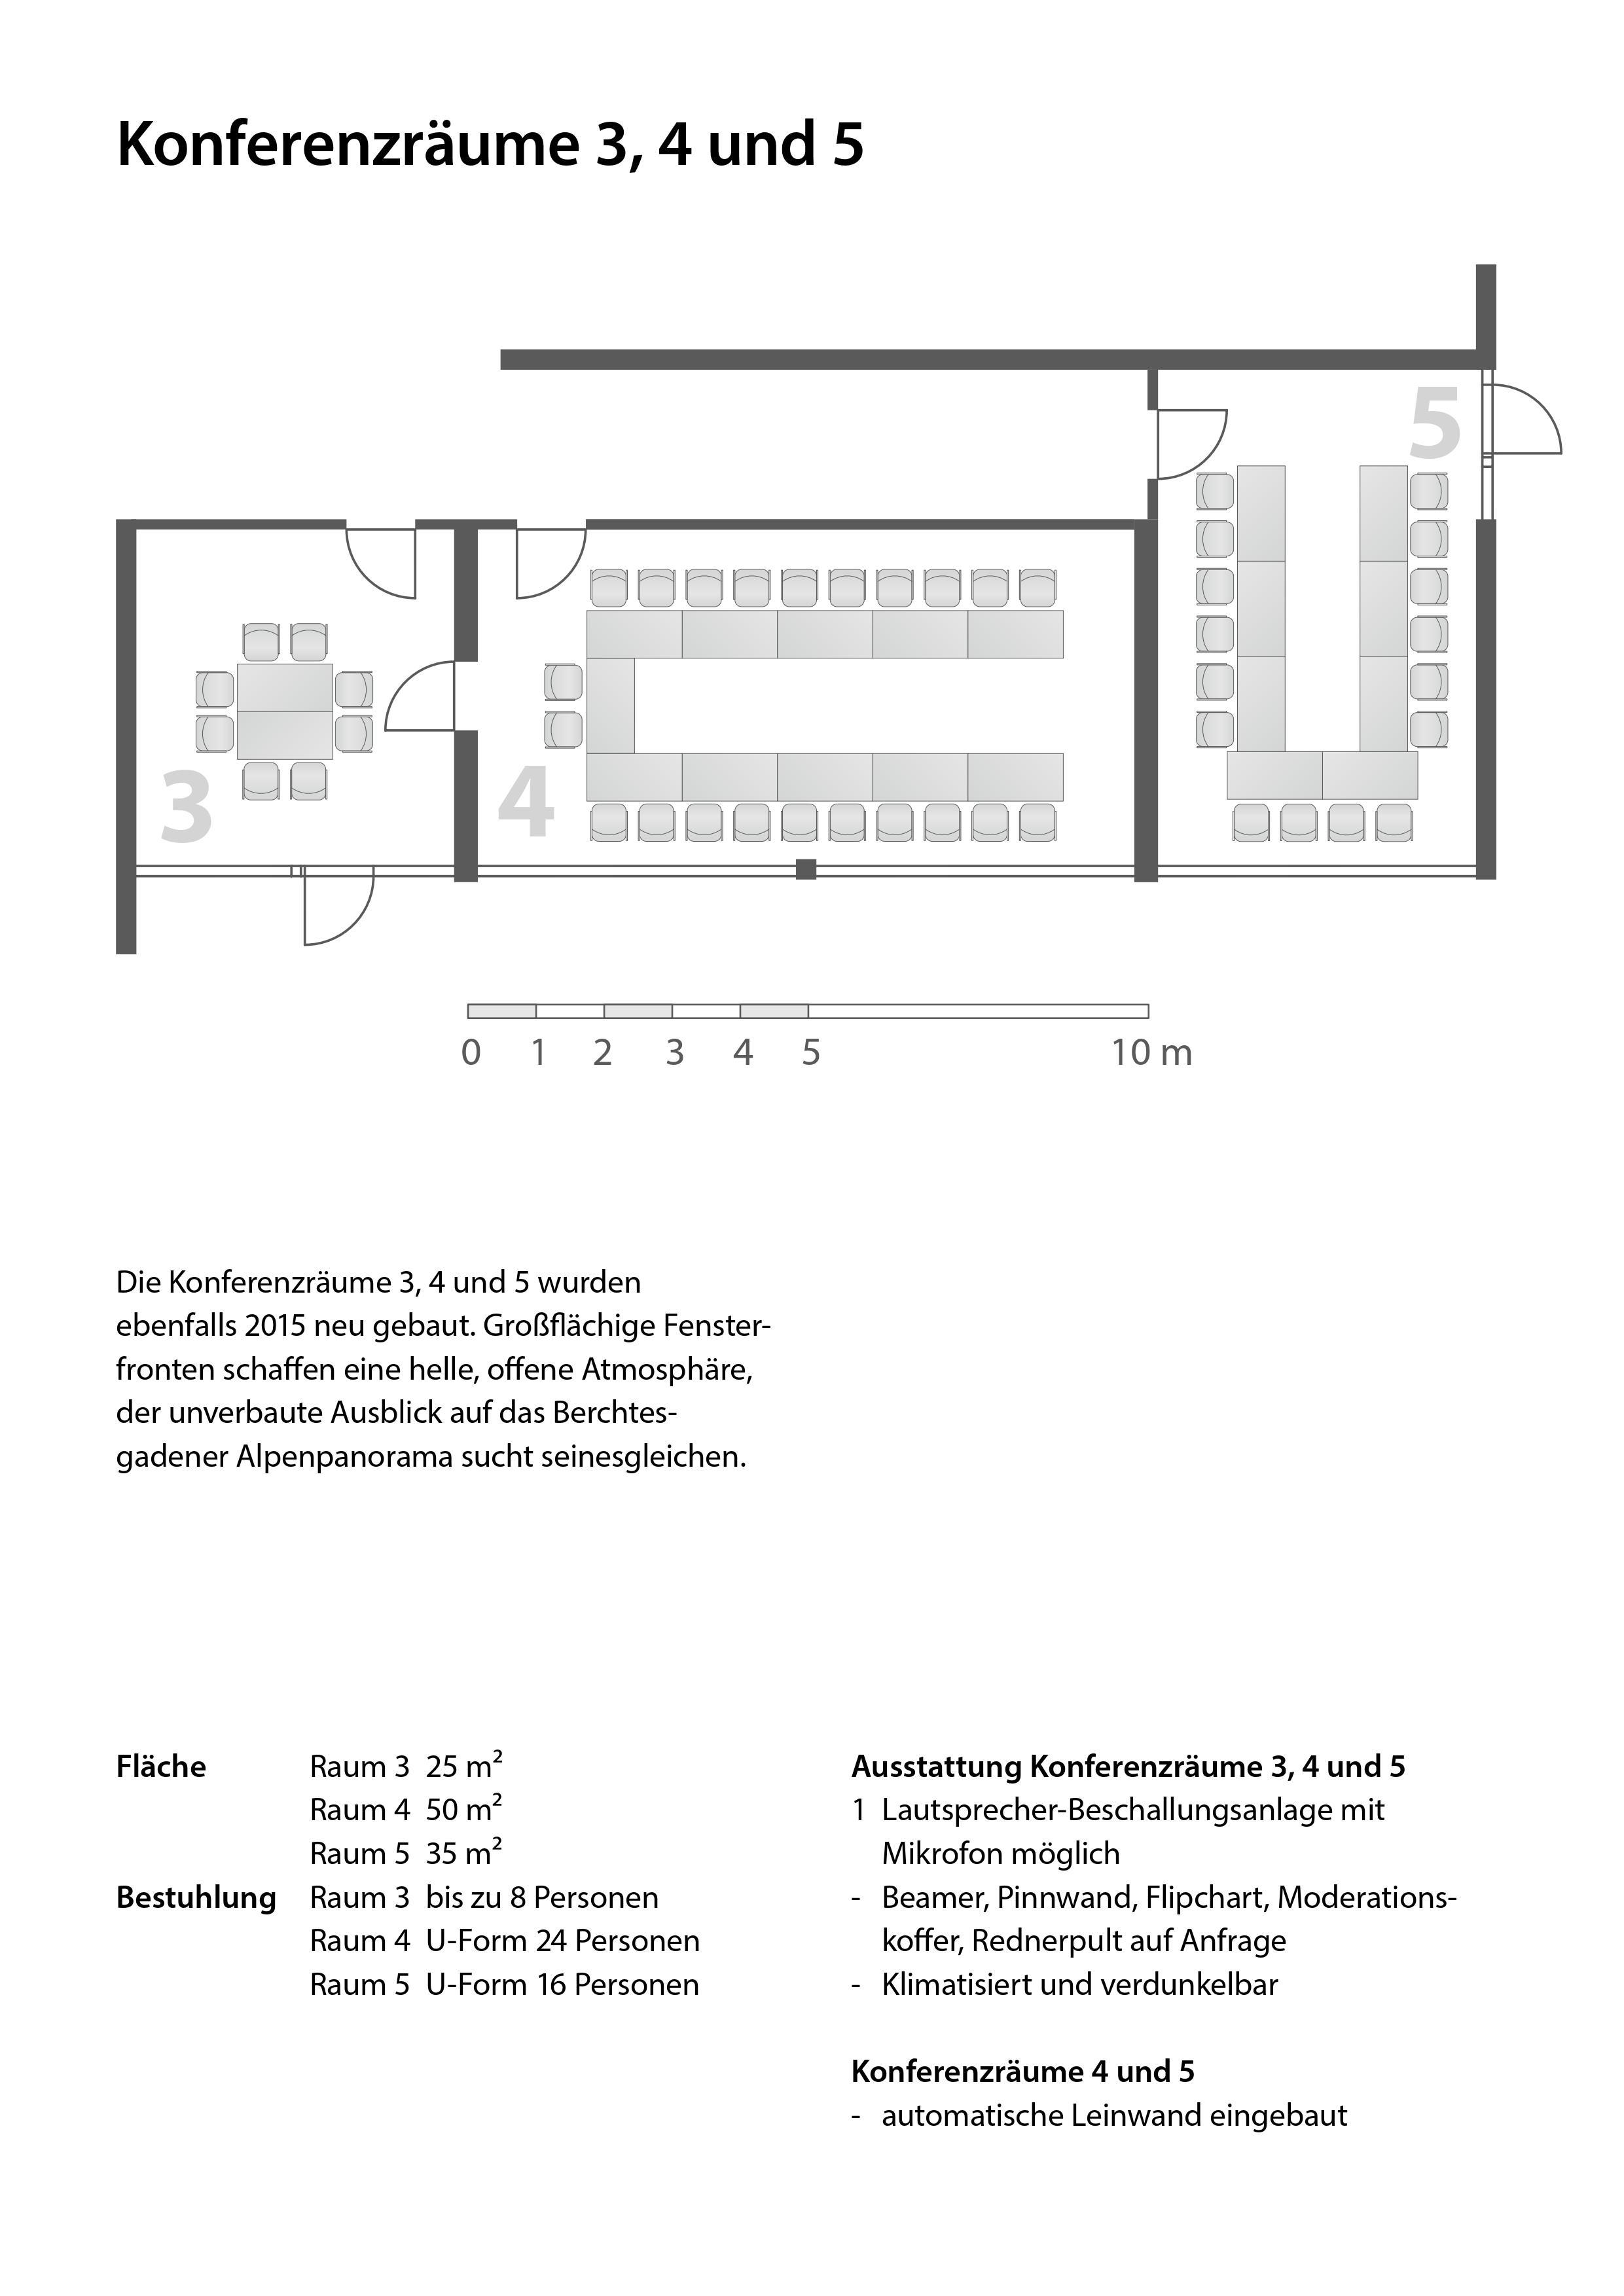 Konferenzraum 3 - 5